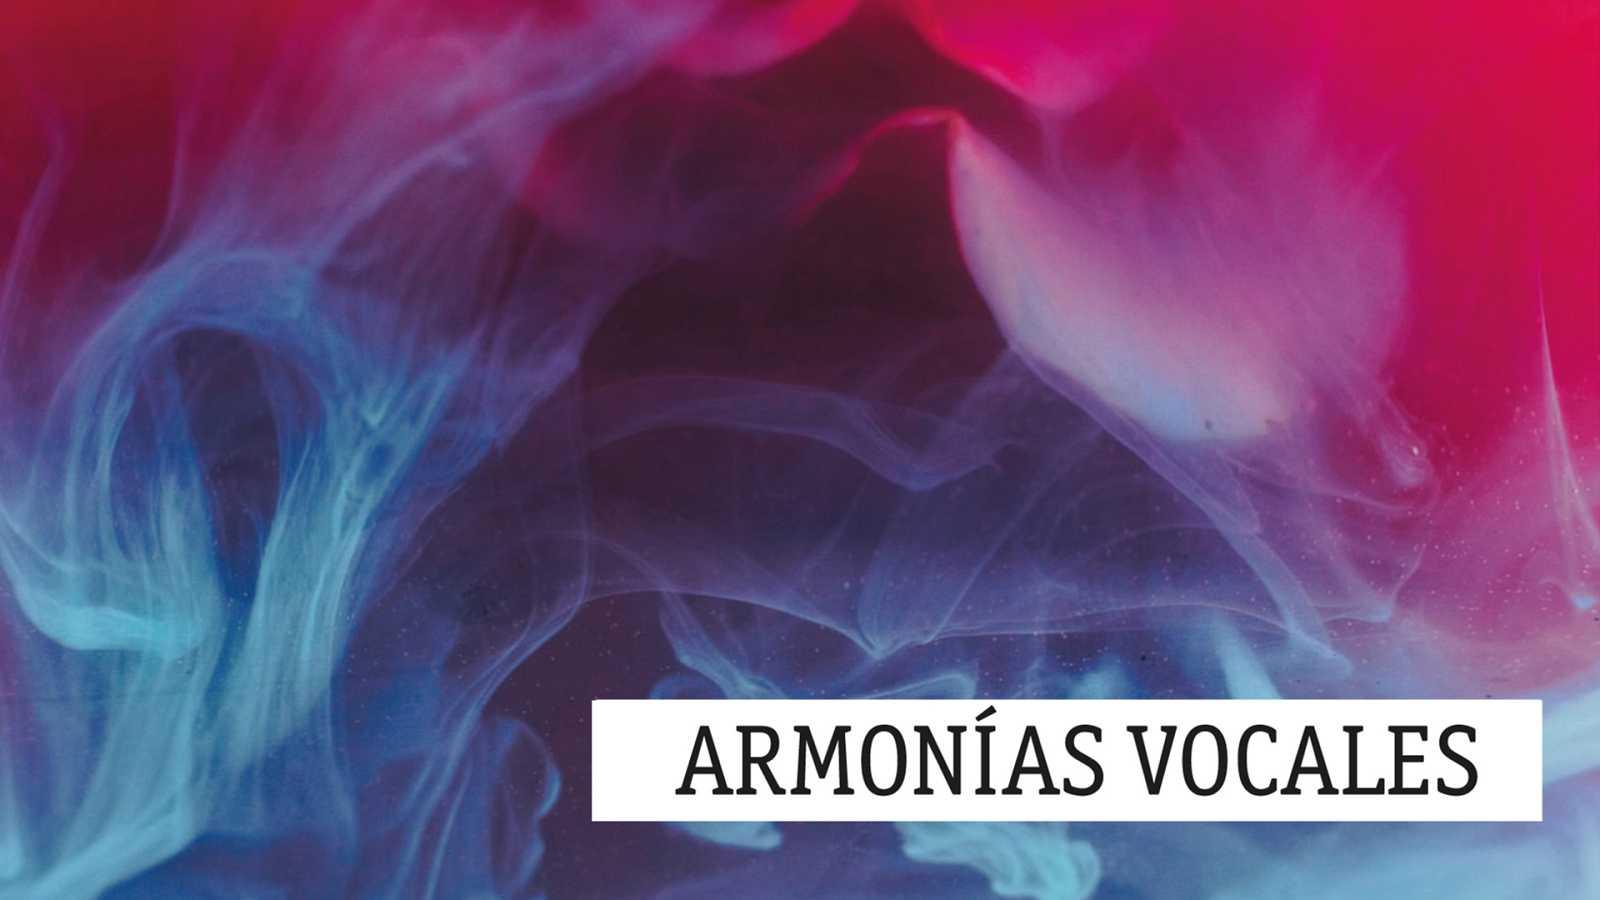 Armonías vocales - Los colores del otoño reflejados en la música coral - 24/10/20 -